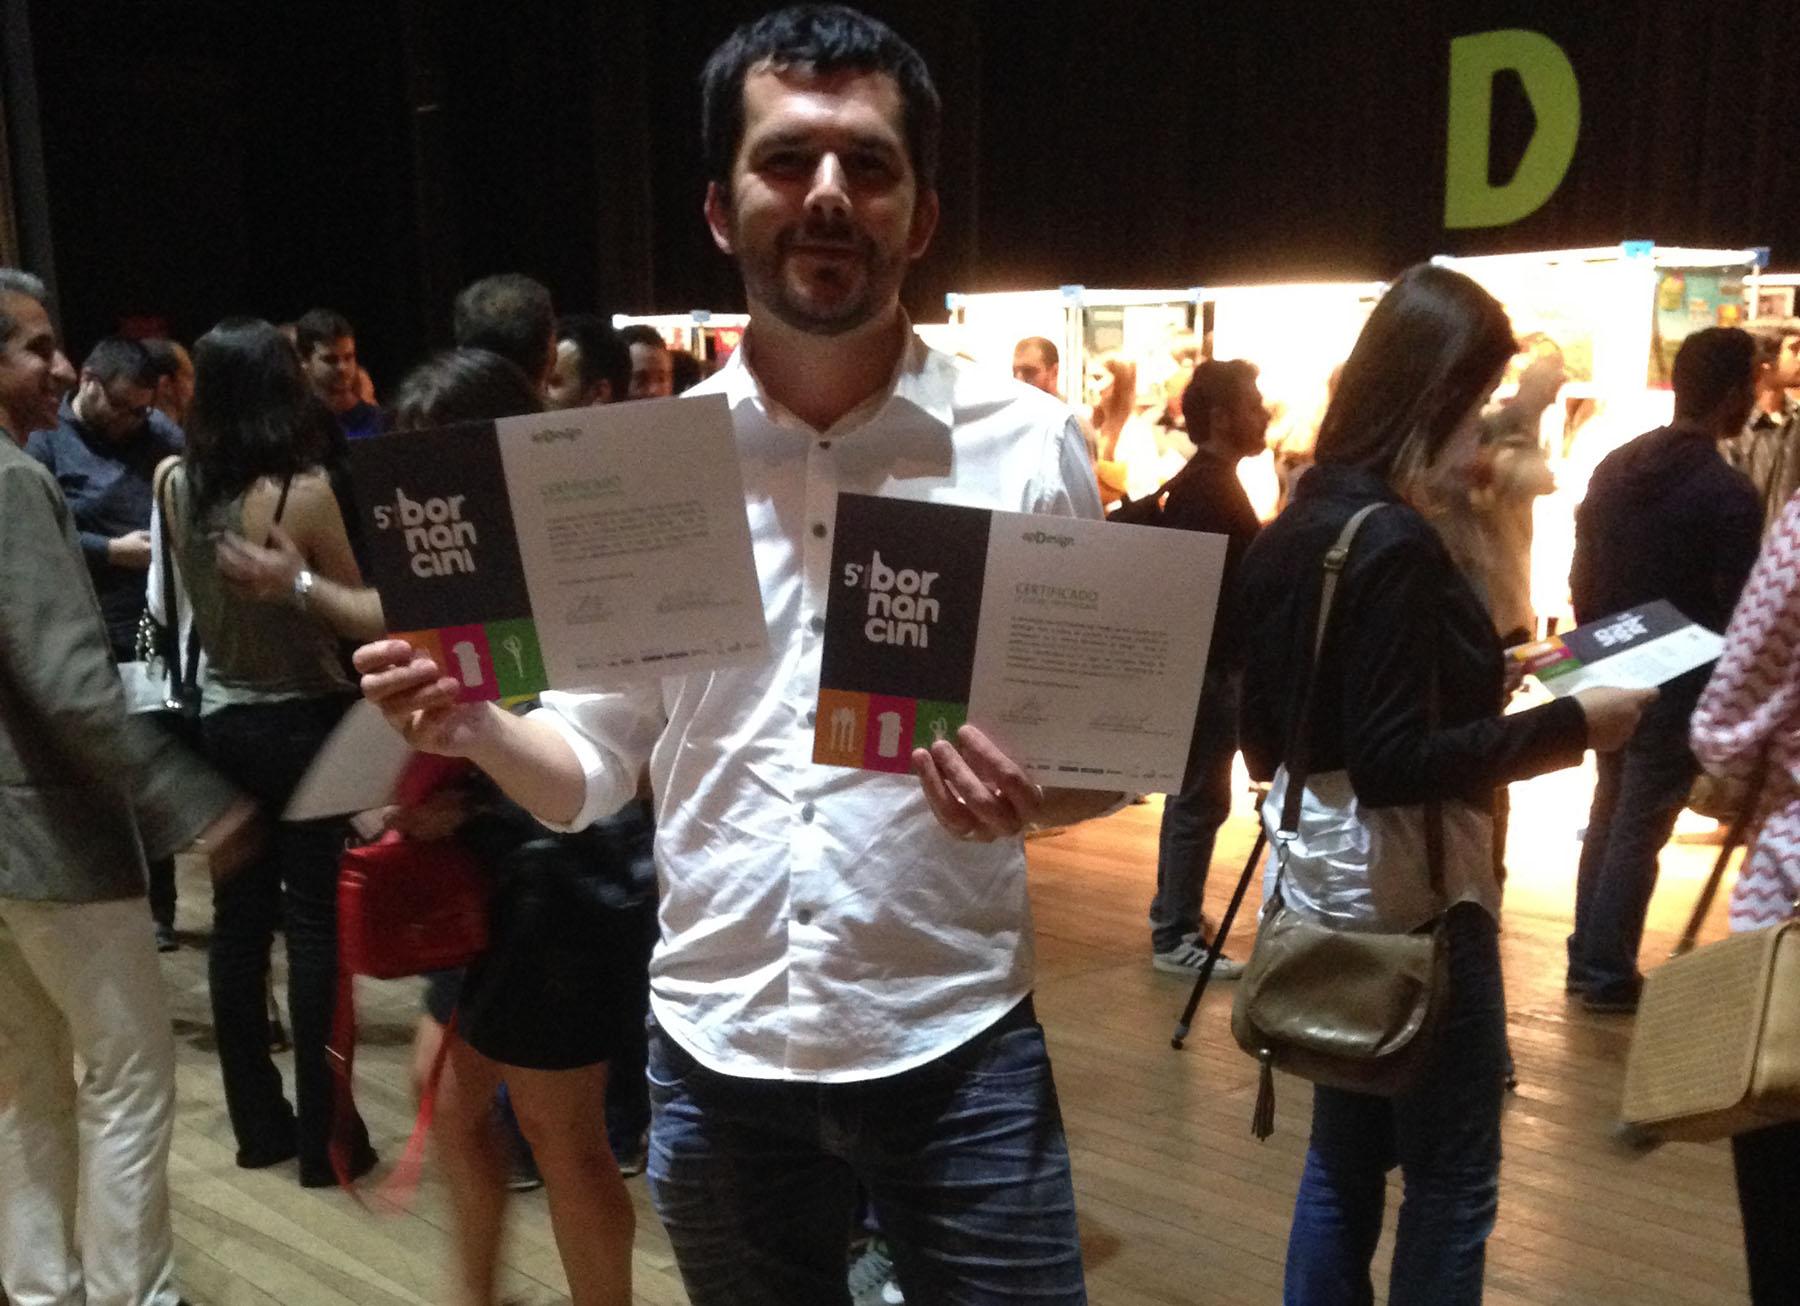 O designer Gilnei Silva, Diretor da SPR Design recebe prêmio Bornancini